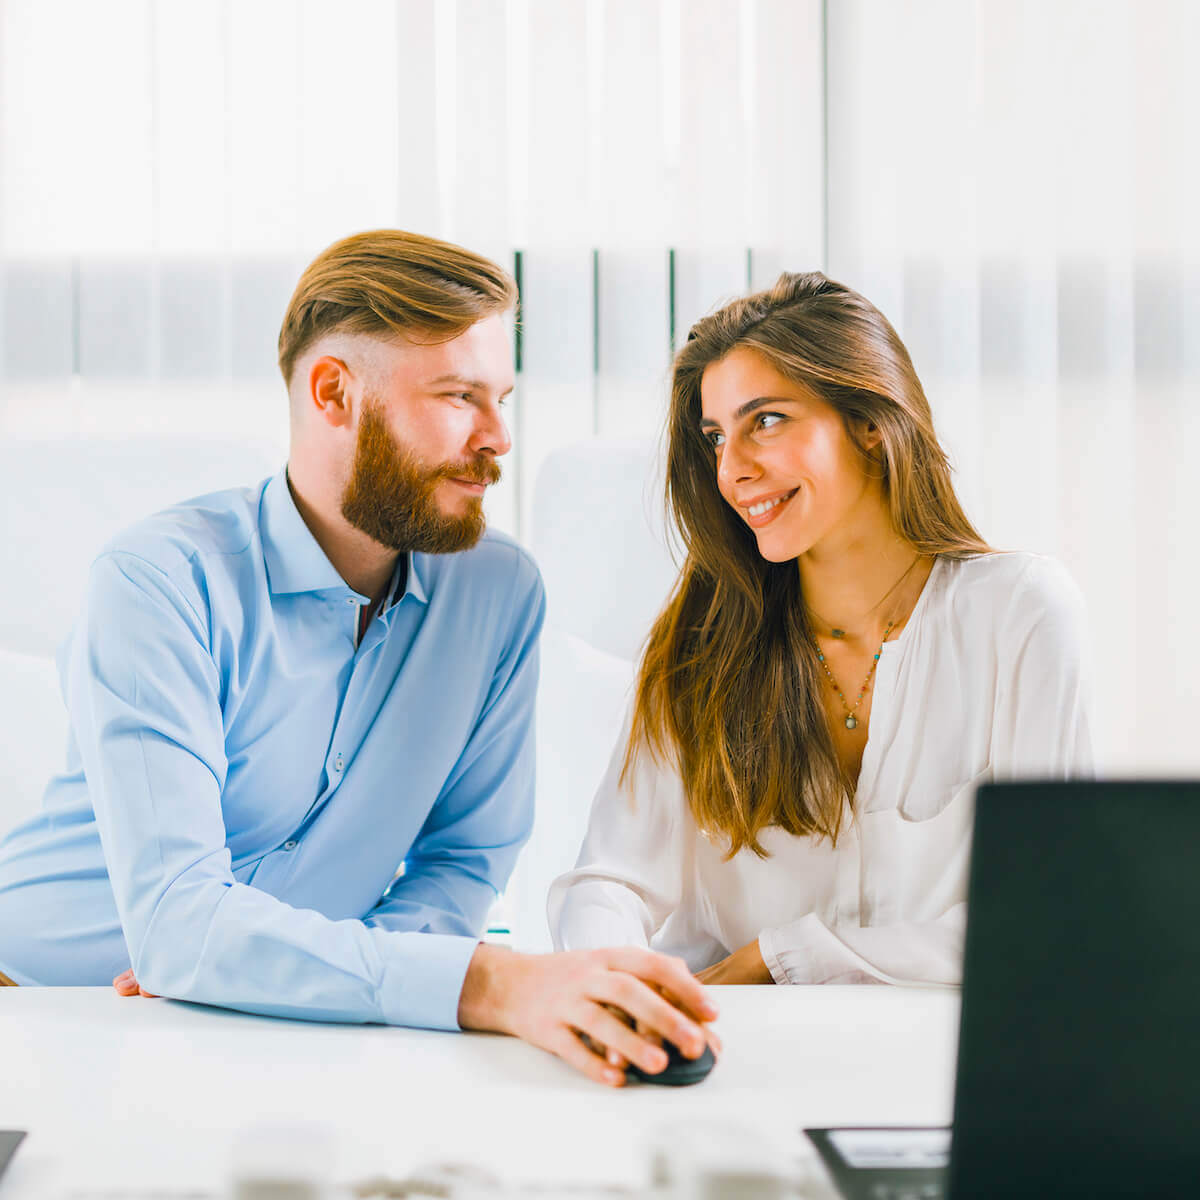 Warum flirten manner mit anderen frauen